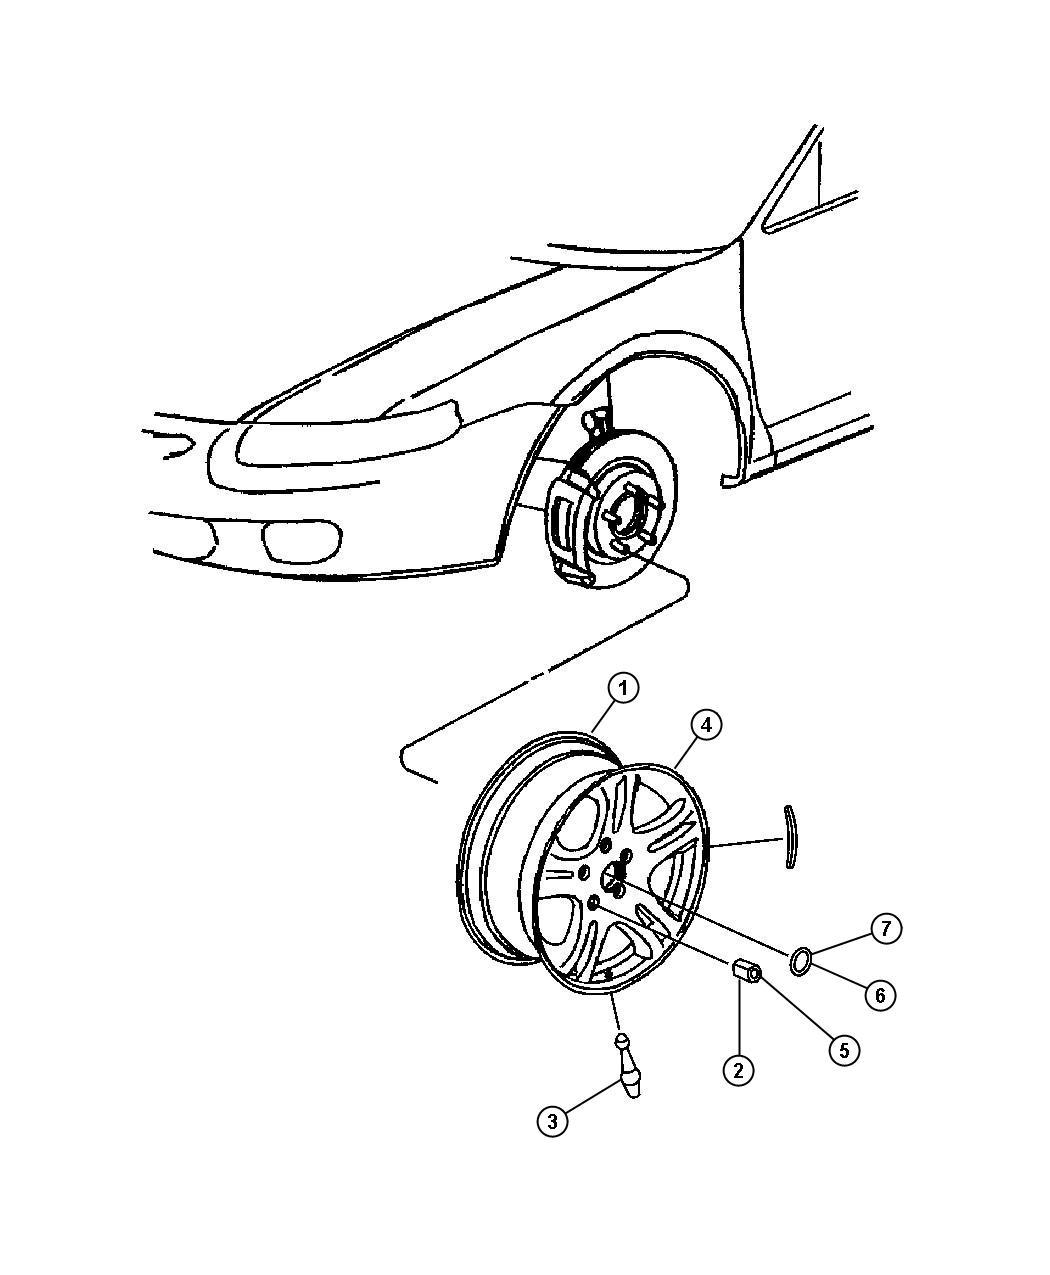 Chrysler Sebring Cap Wheel Center Chrome Wn5 Wn5 Chrome